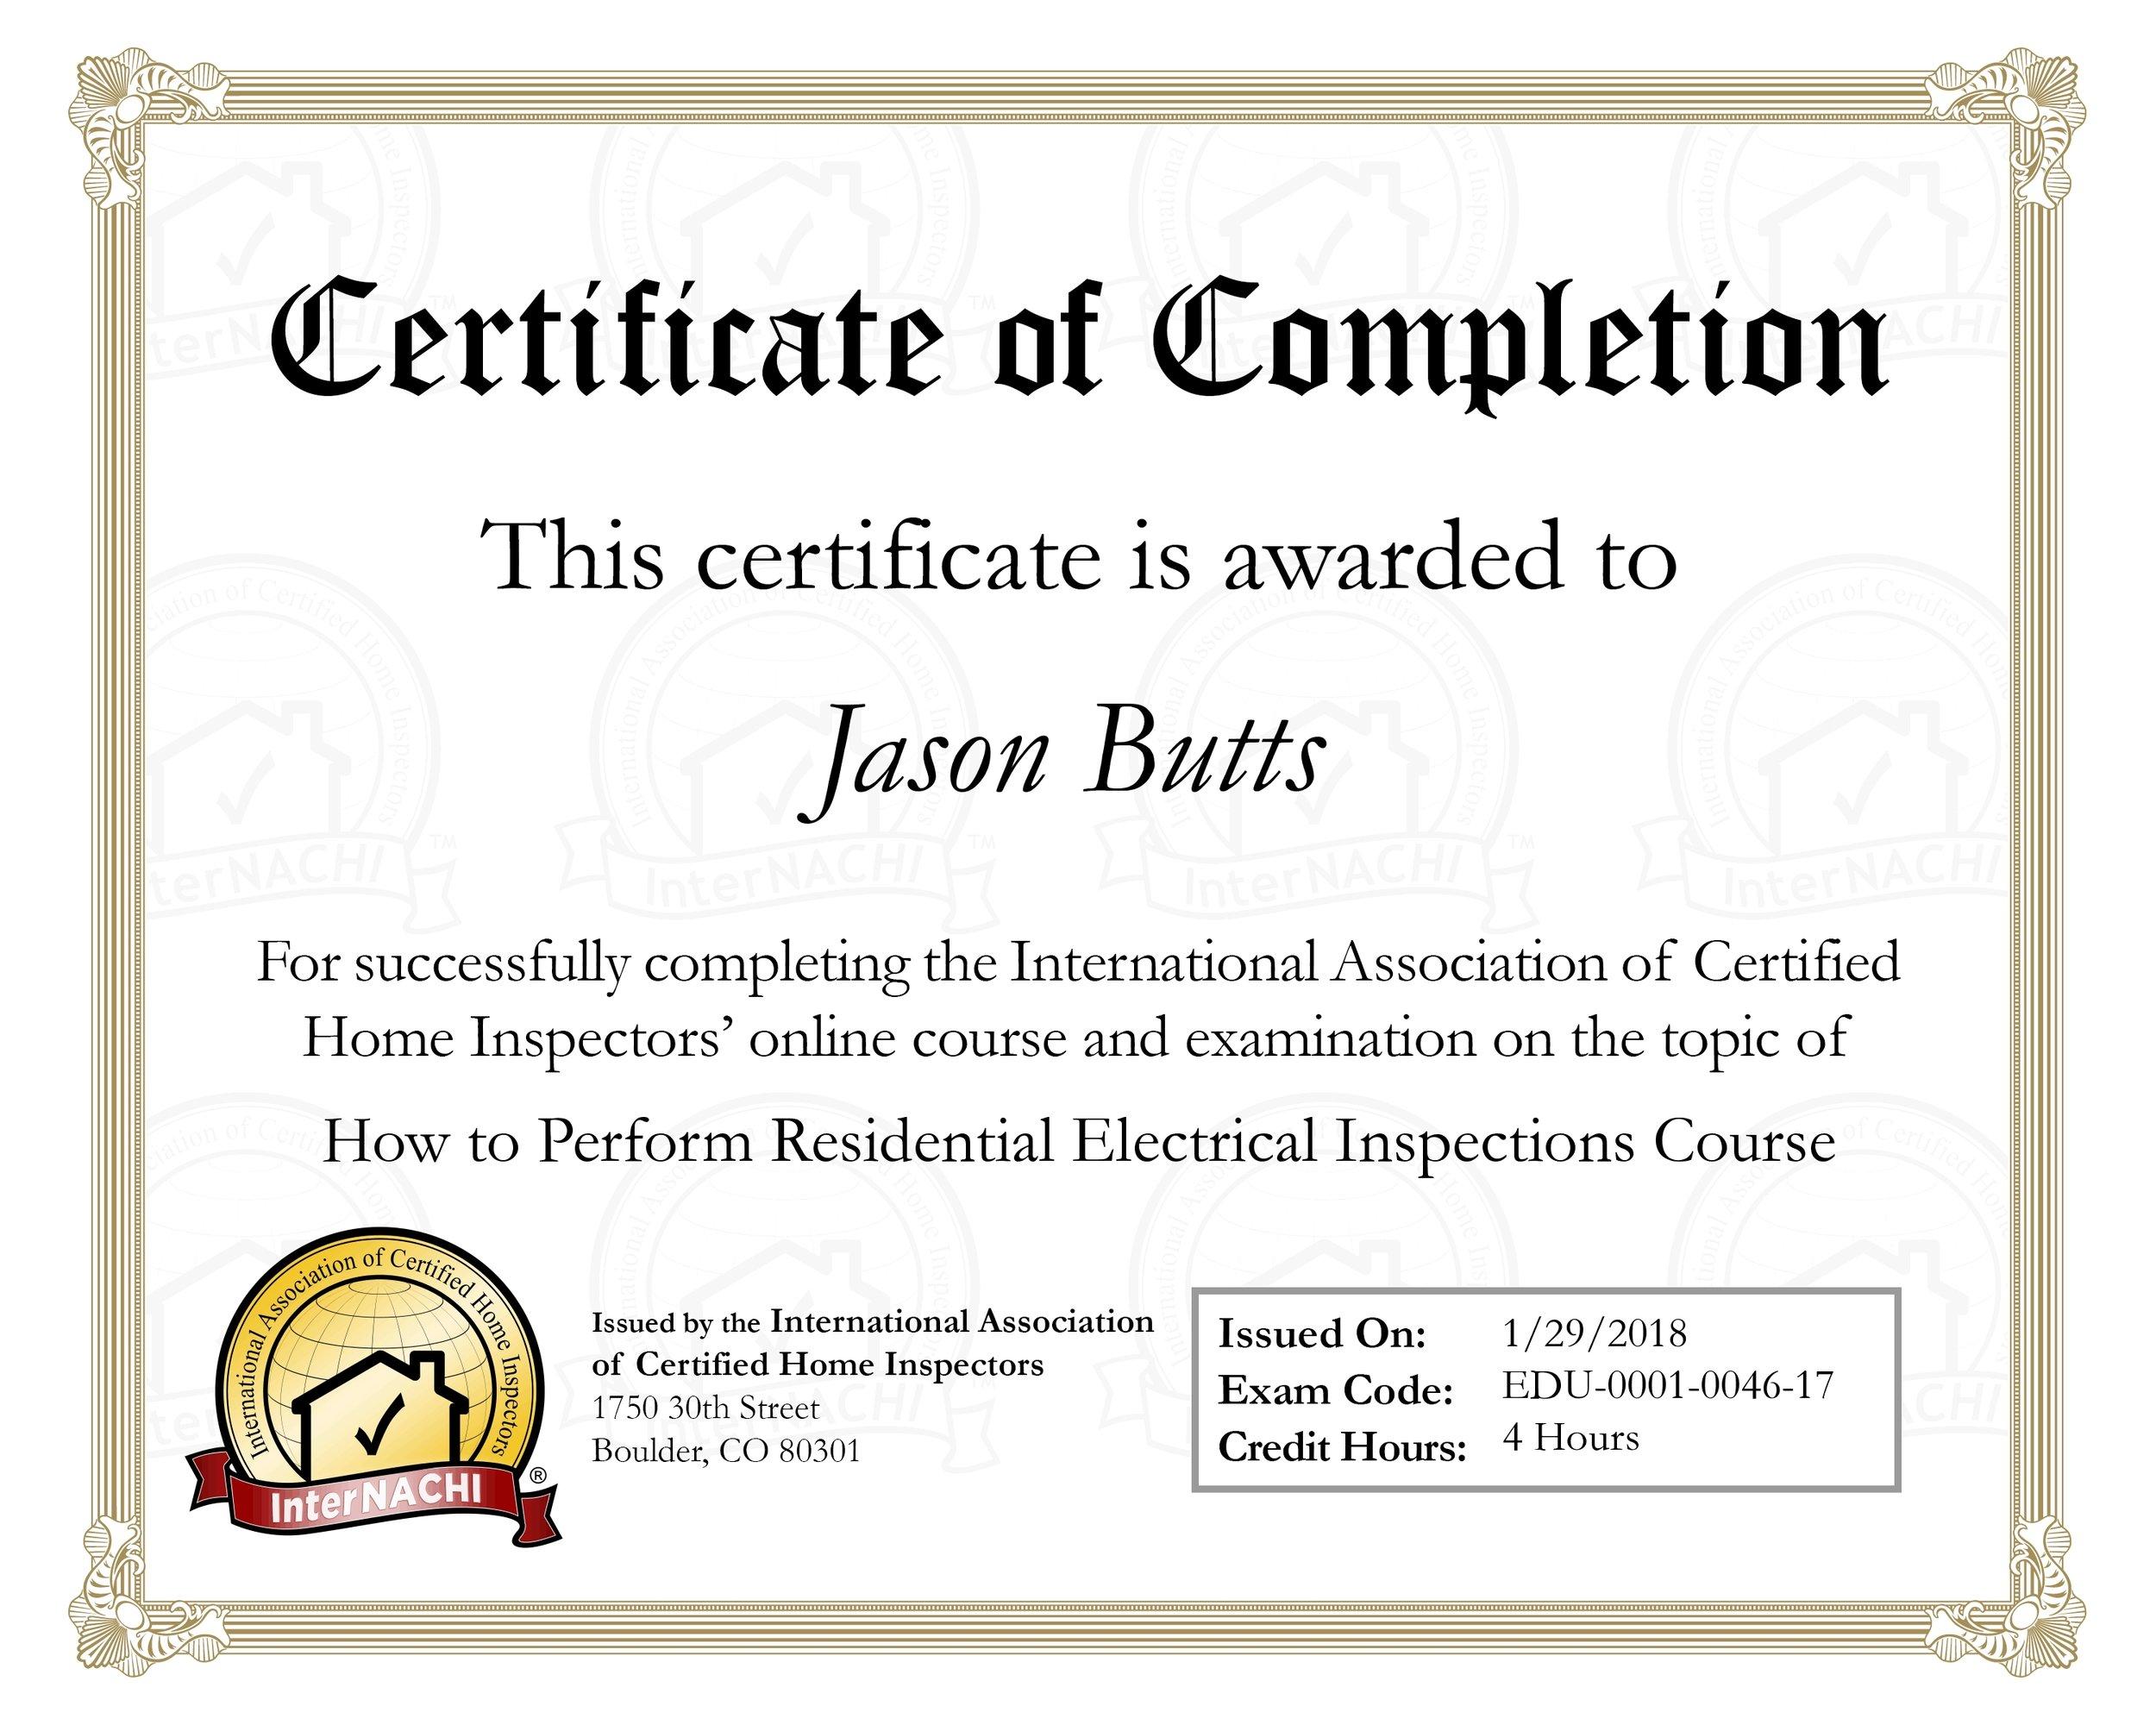 jbutts2_certificate_13.jpg